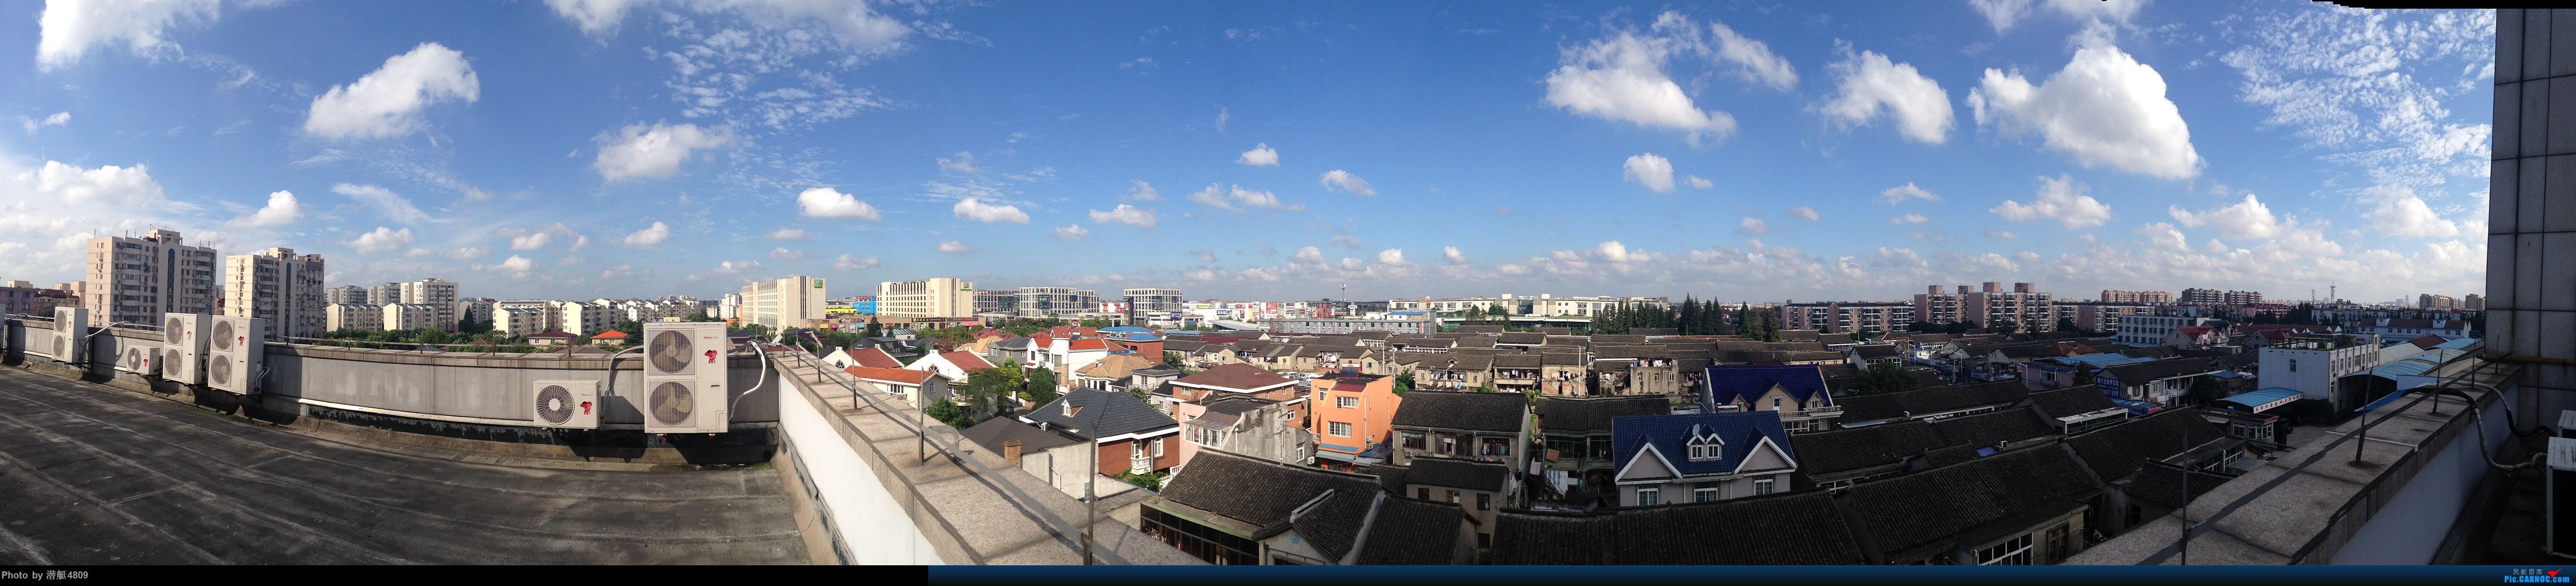 Re:[原创]给外地飞友推荐个虹桥地区在阳台就能拍机的酒店